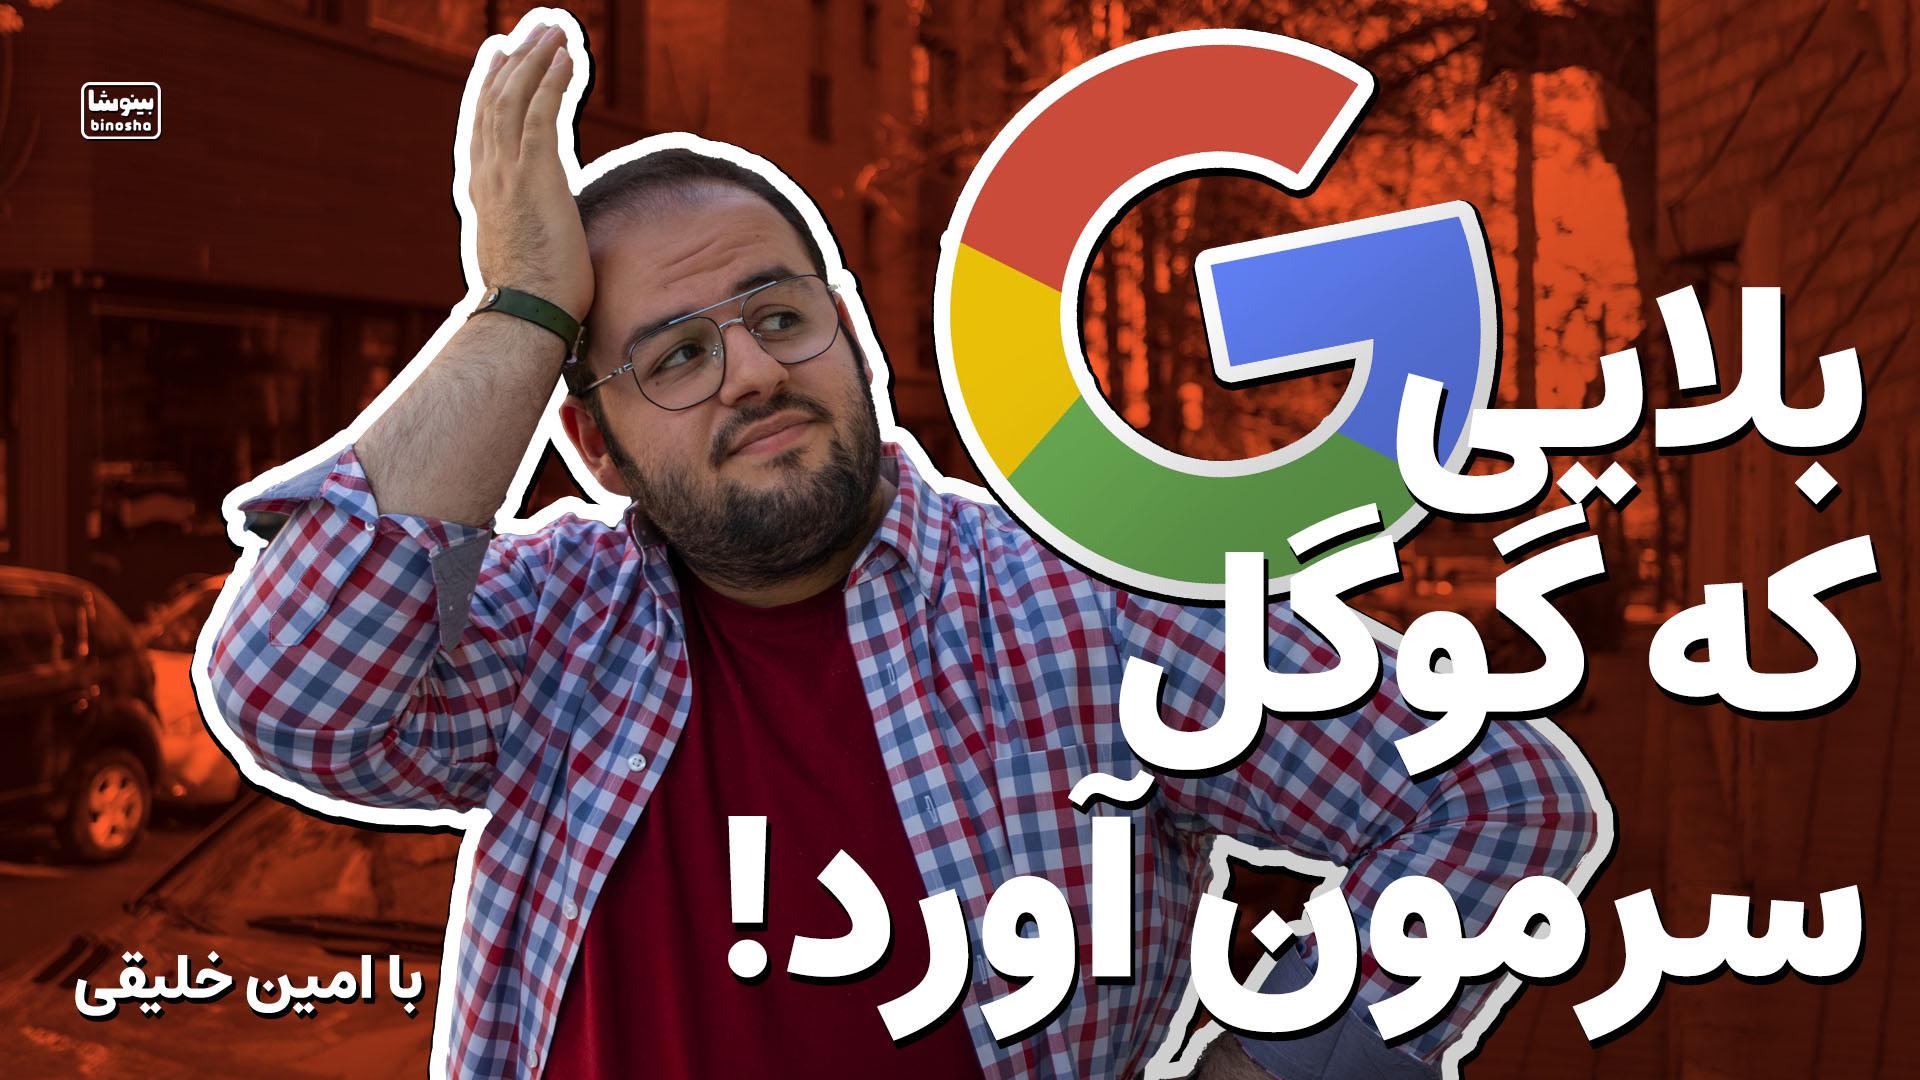 داستان تحریم گوگل چیه؟ چه بلایی سرمون اومده؟؟؟